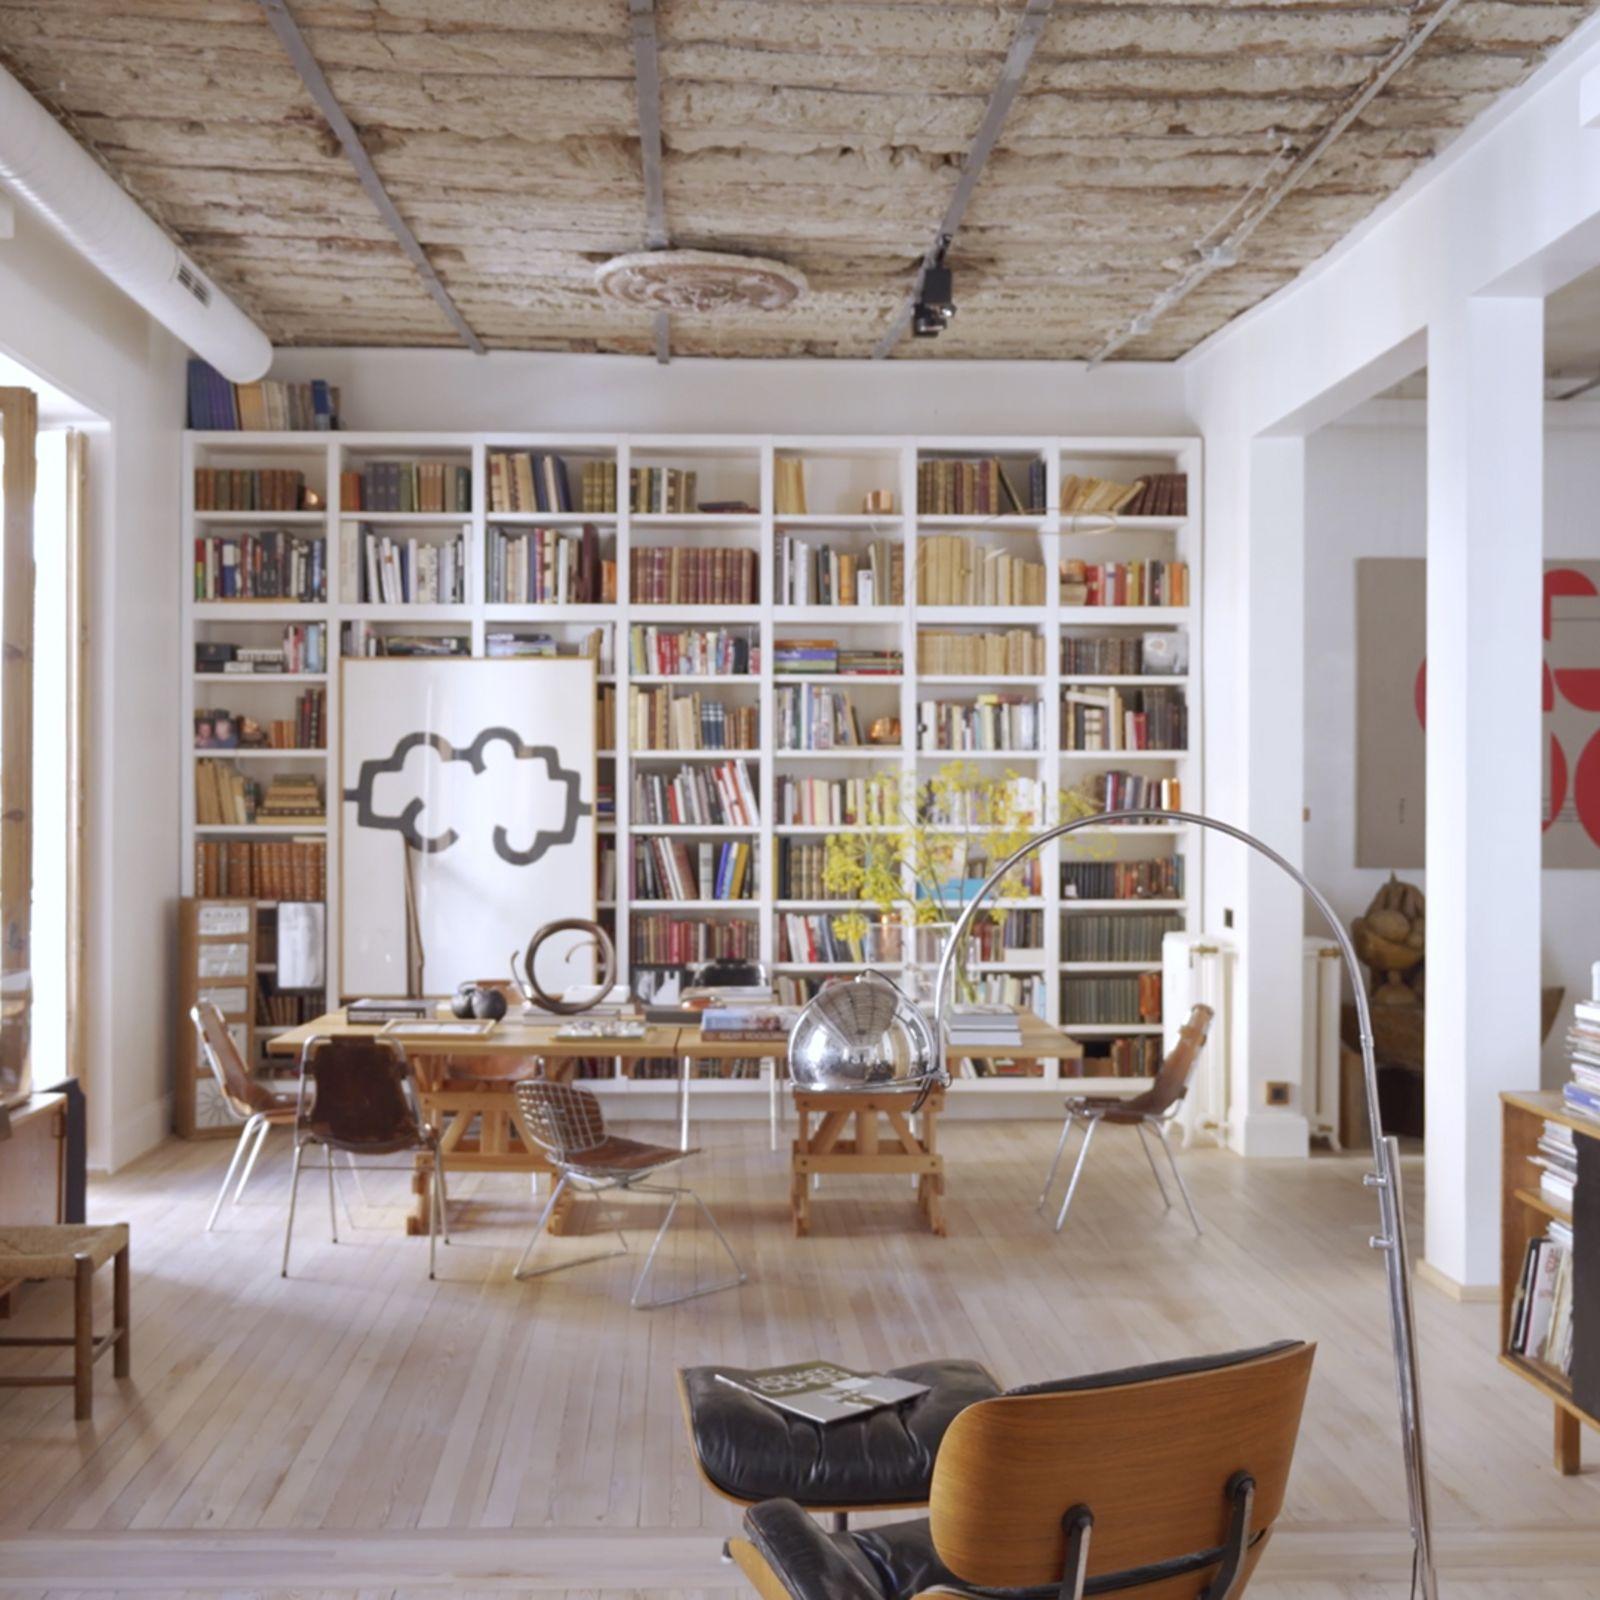 El arquitecto Jon Albistur nos muestra su último trabajo, una casa en la que la historia toma valor